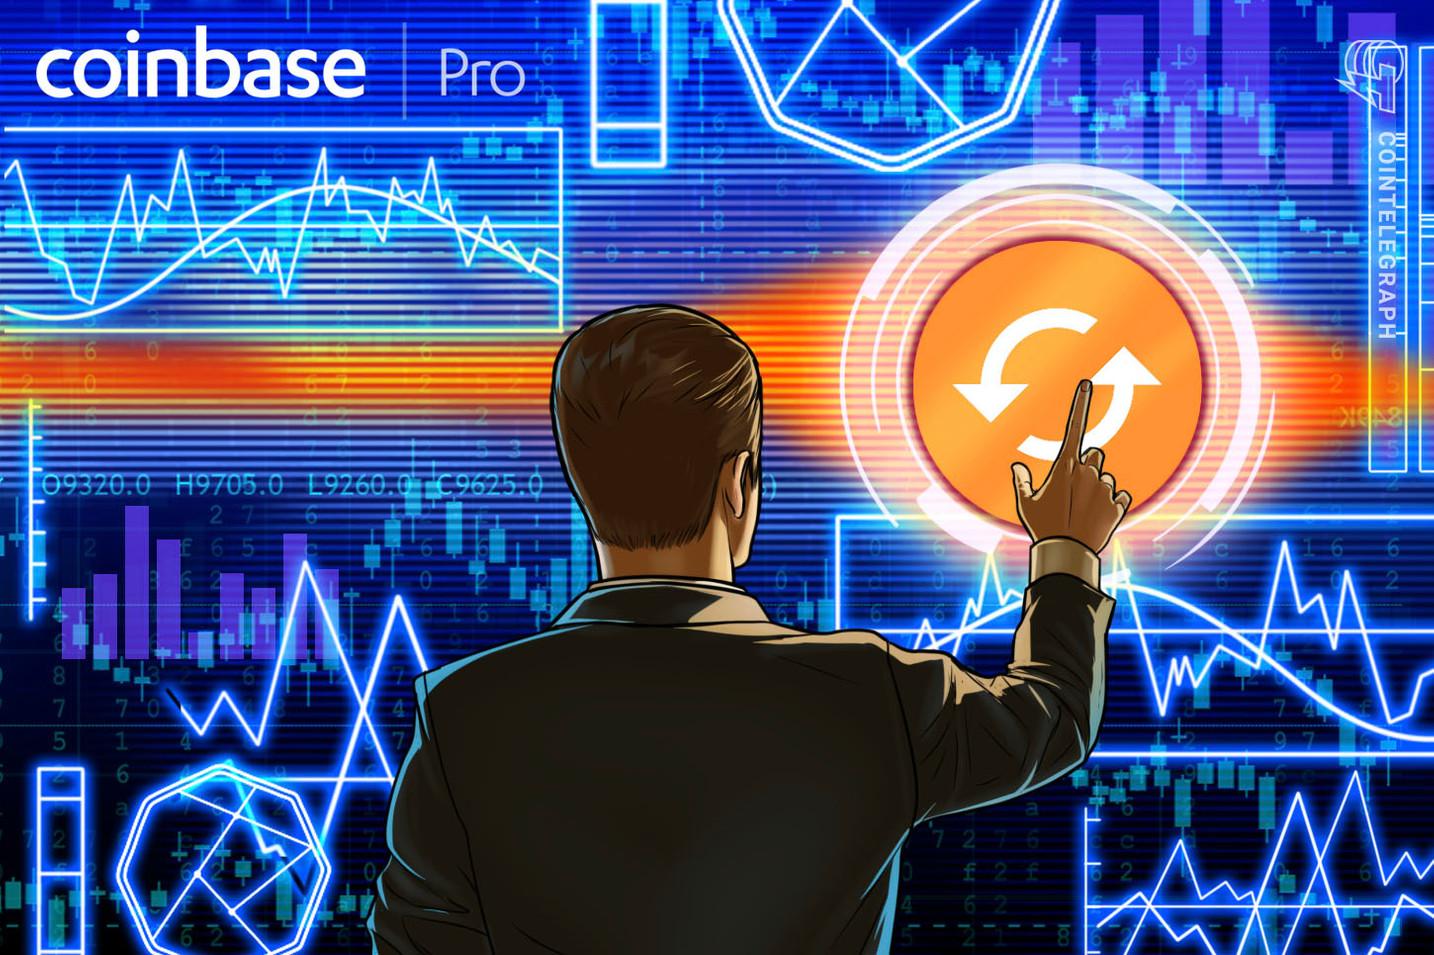 Coinbase Pro ha disabilitato il margin trading